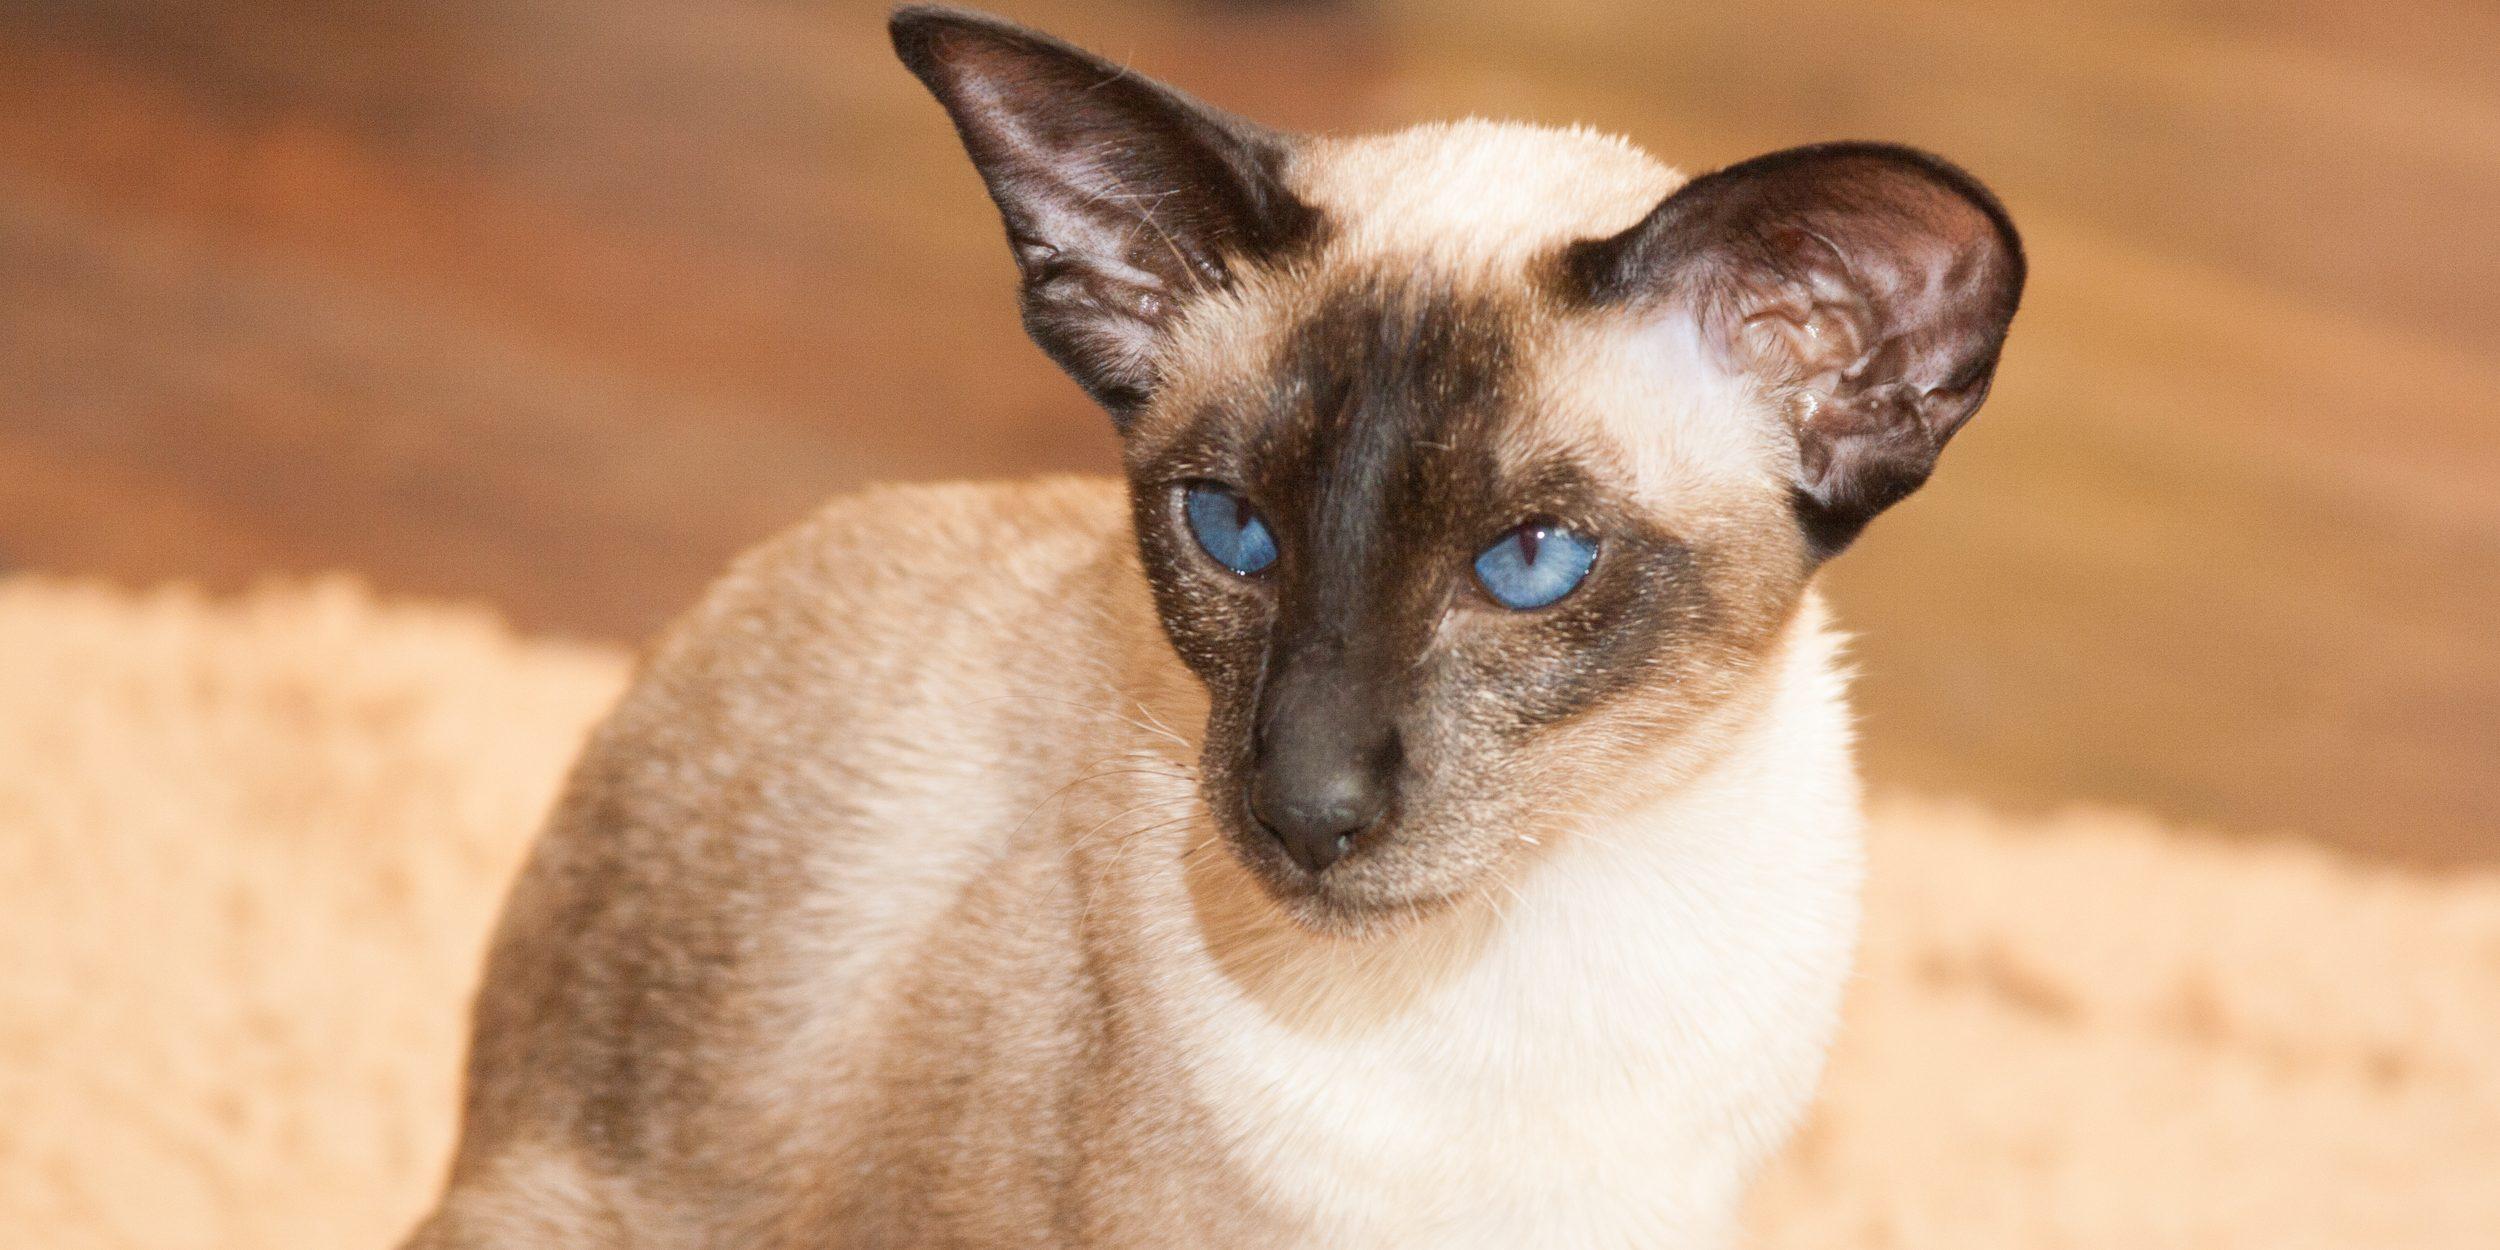 Сиамские кошки любопытны и с интересом наблюдают за всем, что происходит вокруг